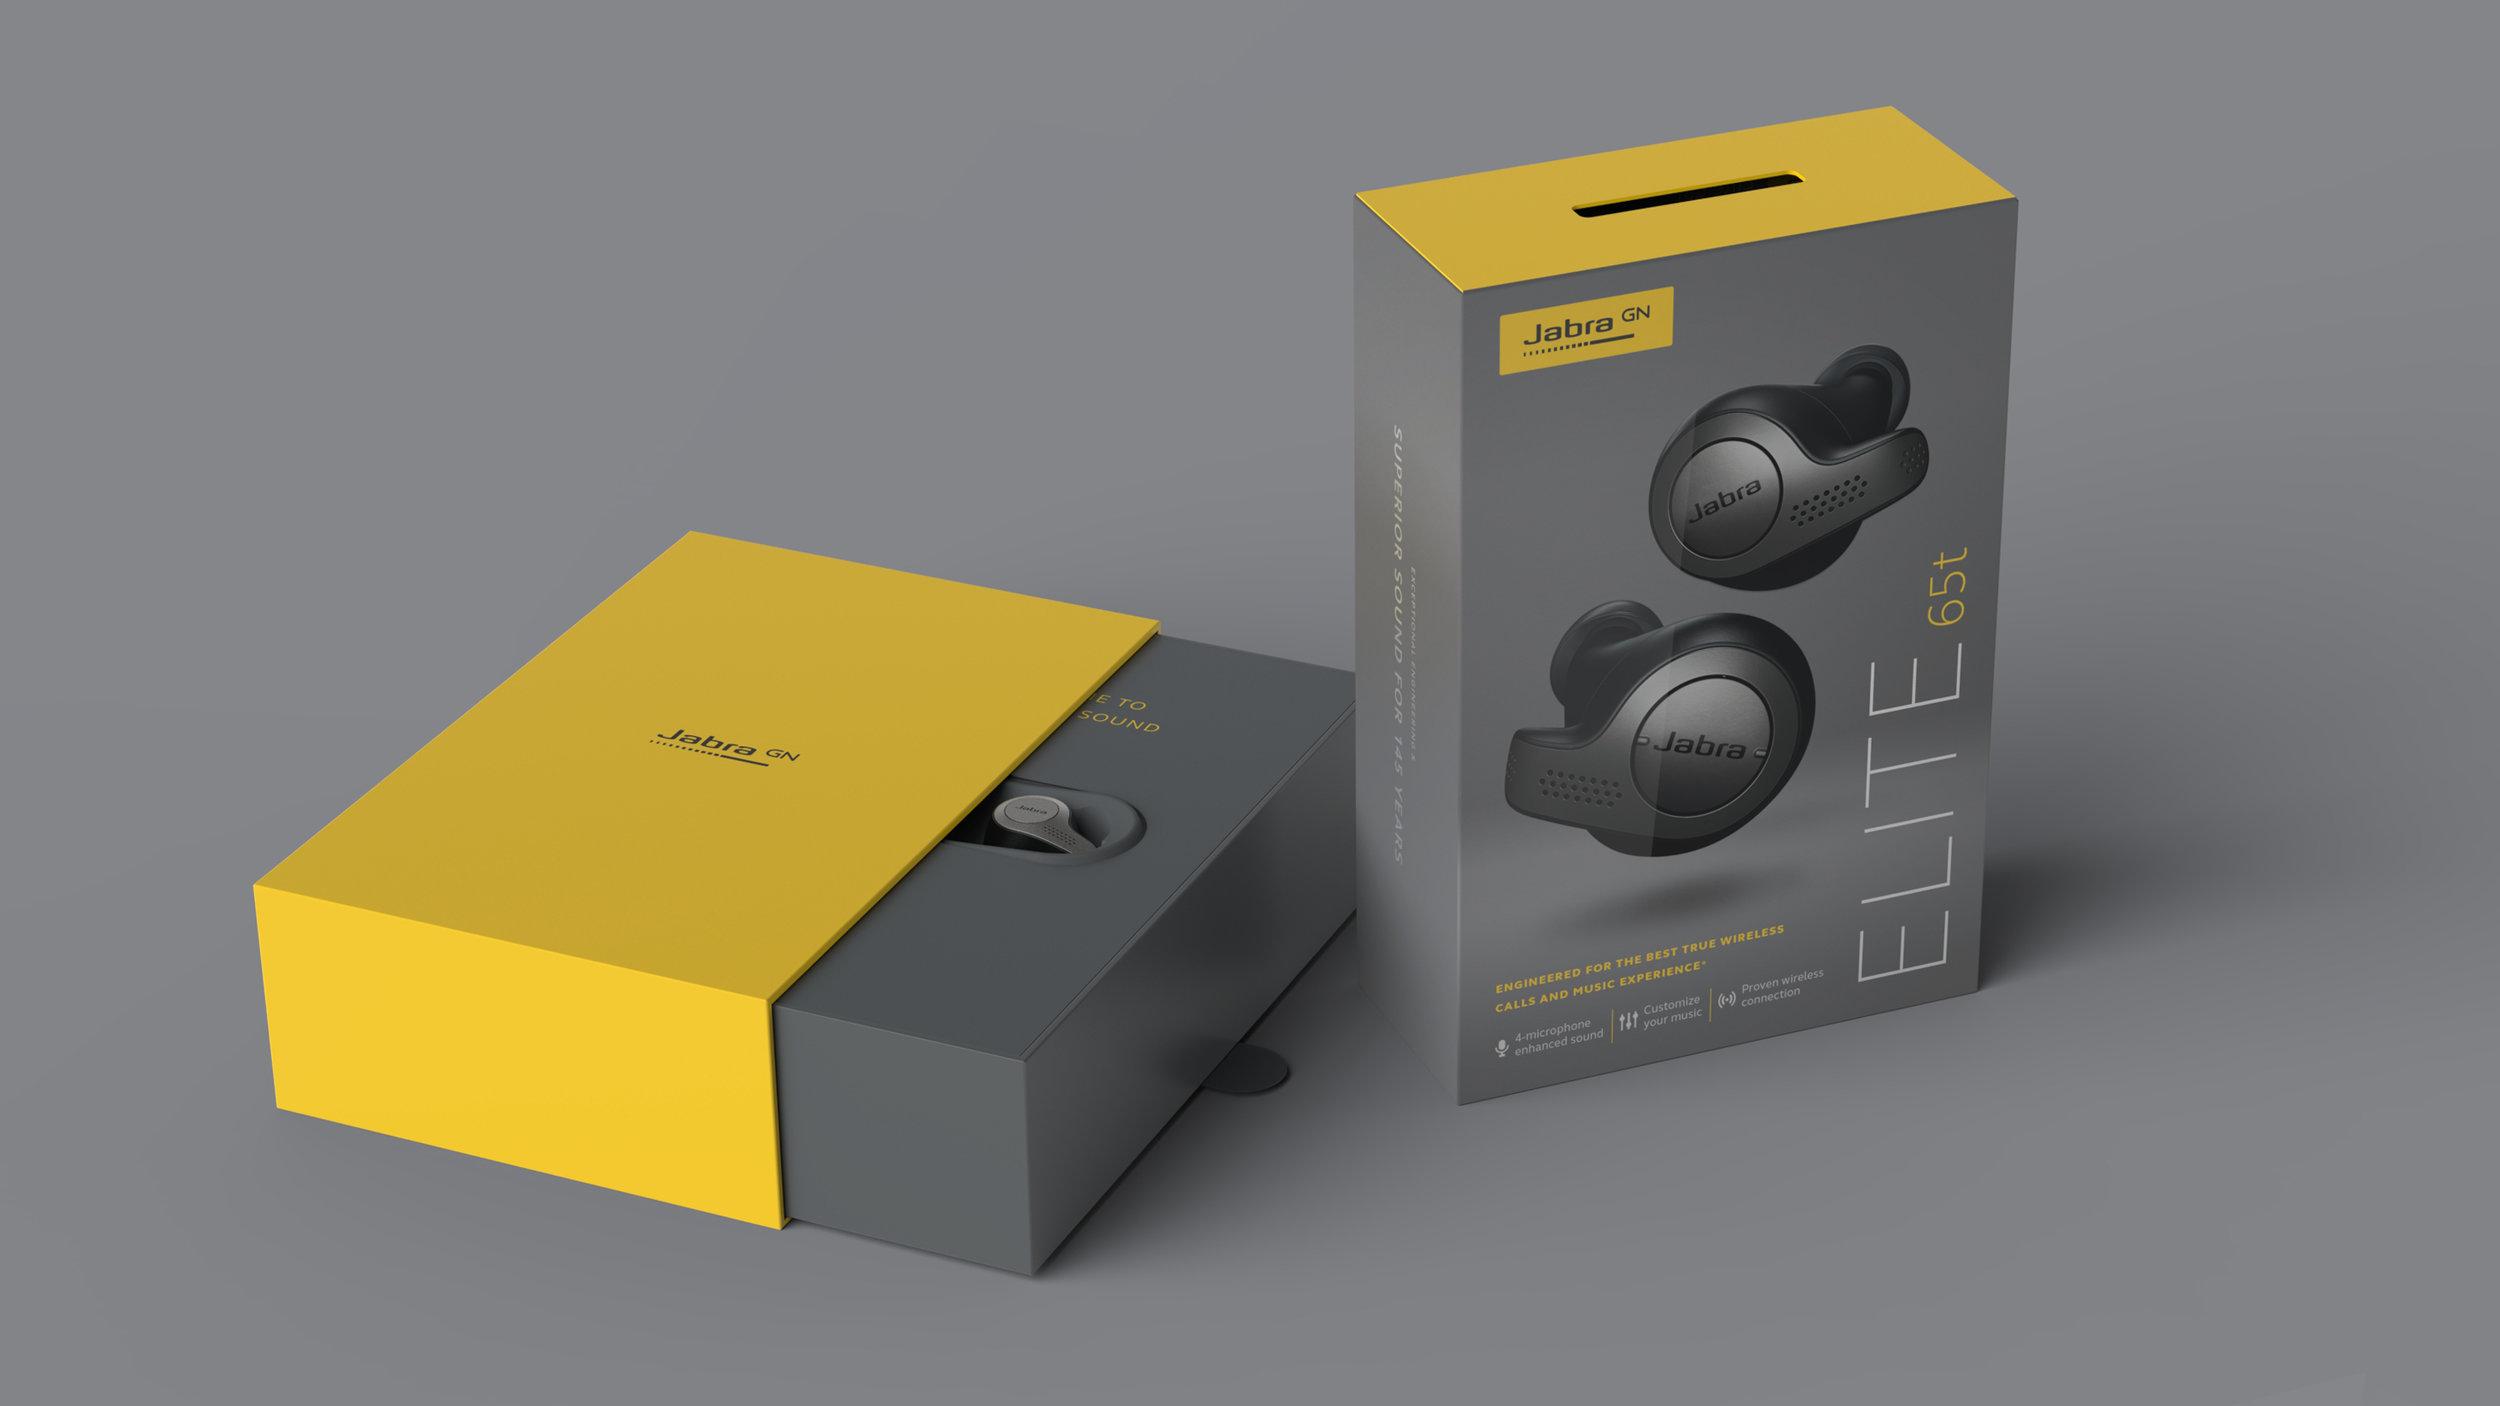 Jabra_Elite65t_Packaging_01.795_v2.jpg